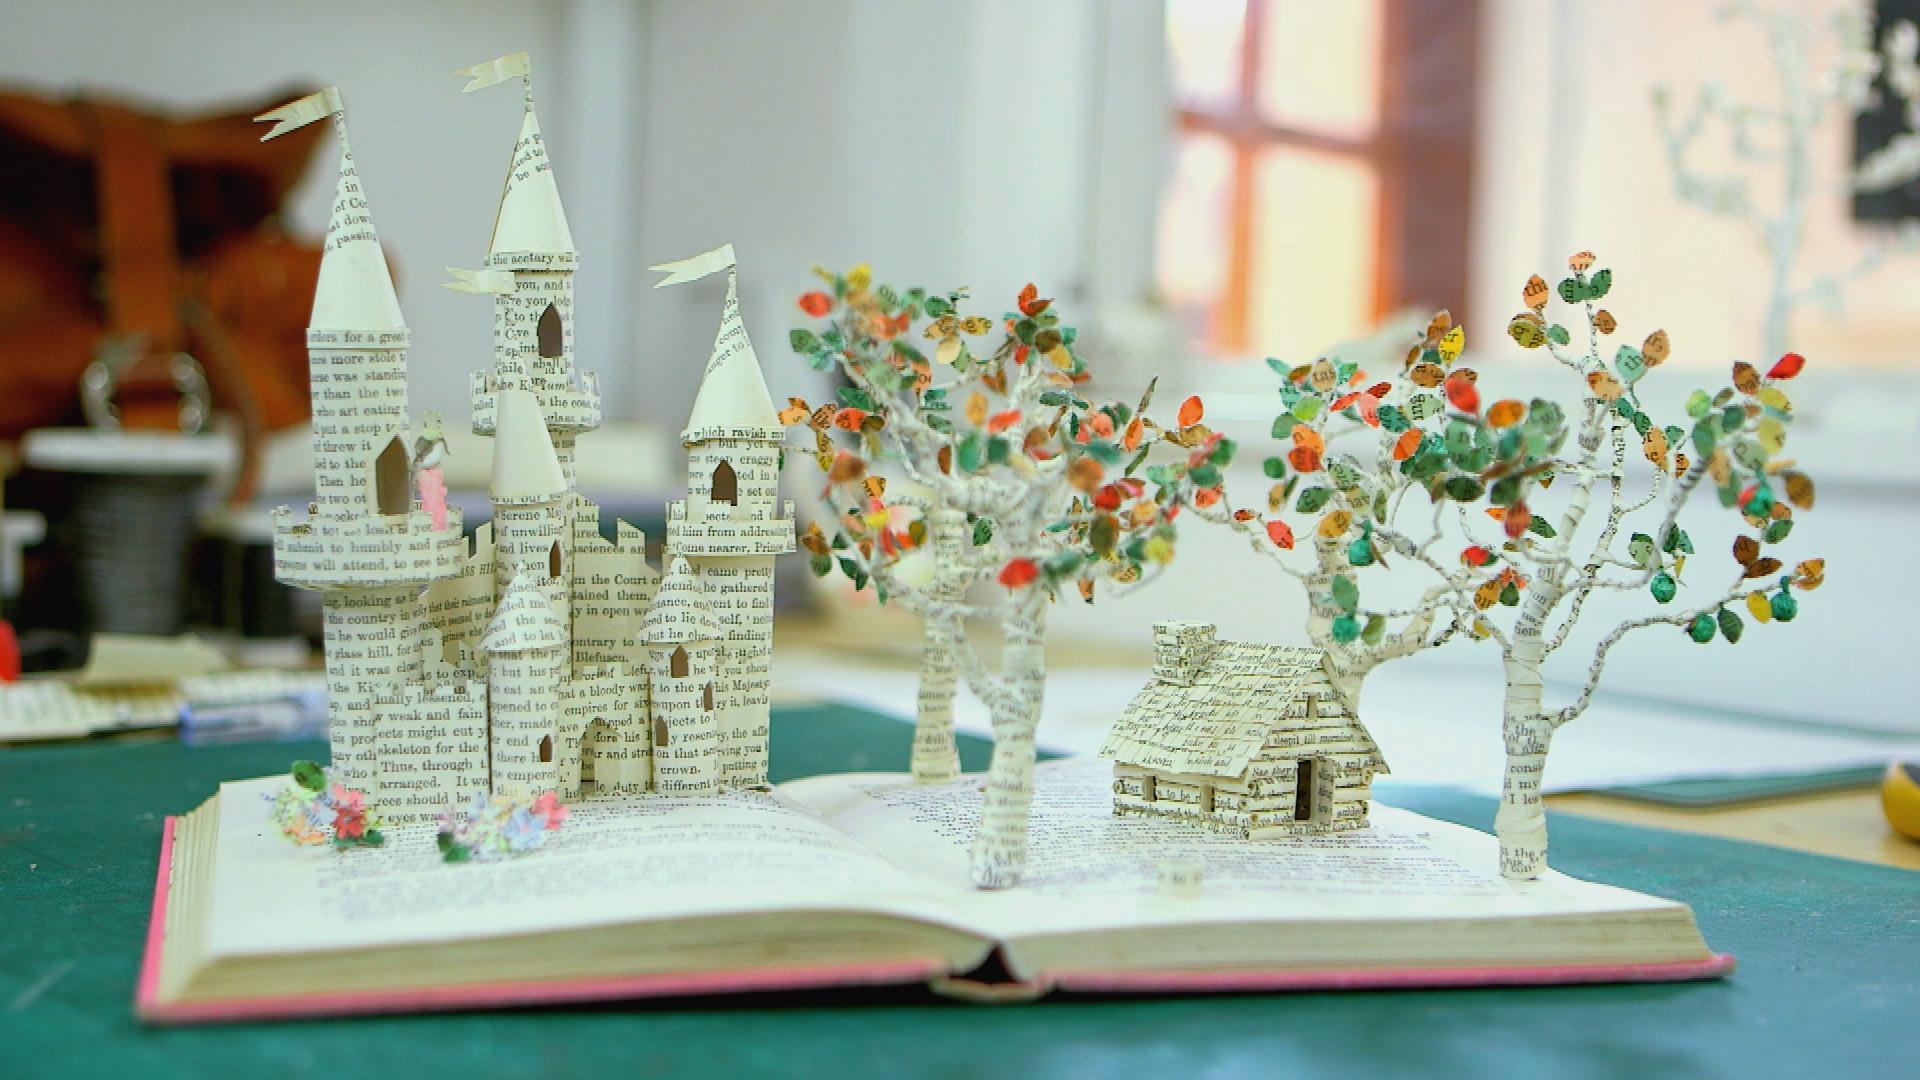 kép egy kastélyról ami kijön egy könyvből